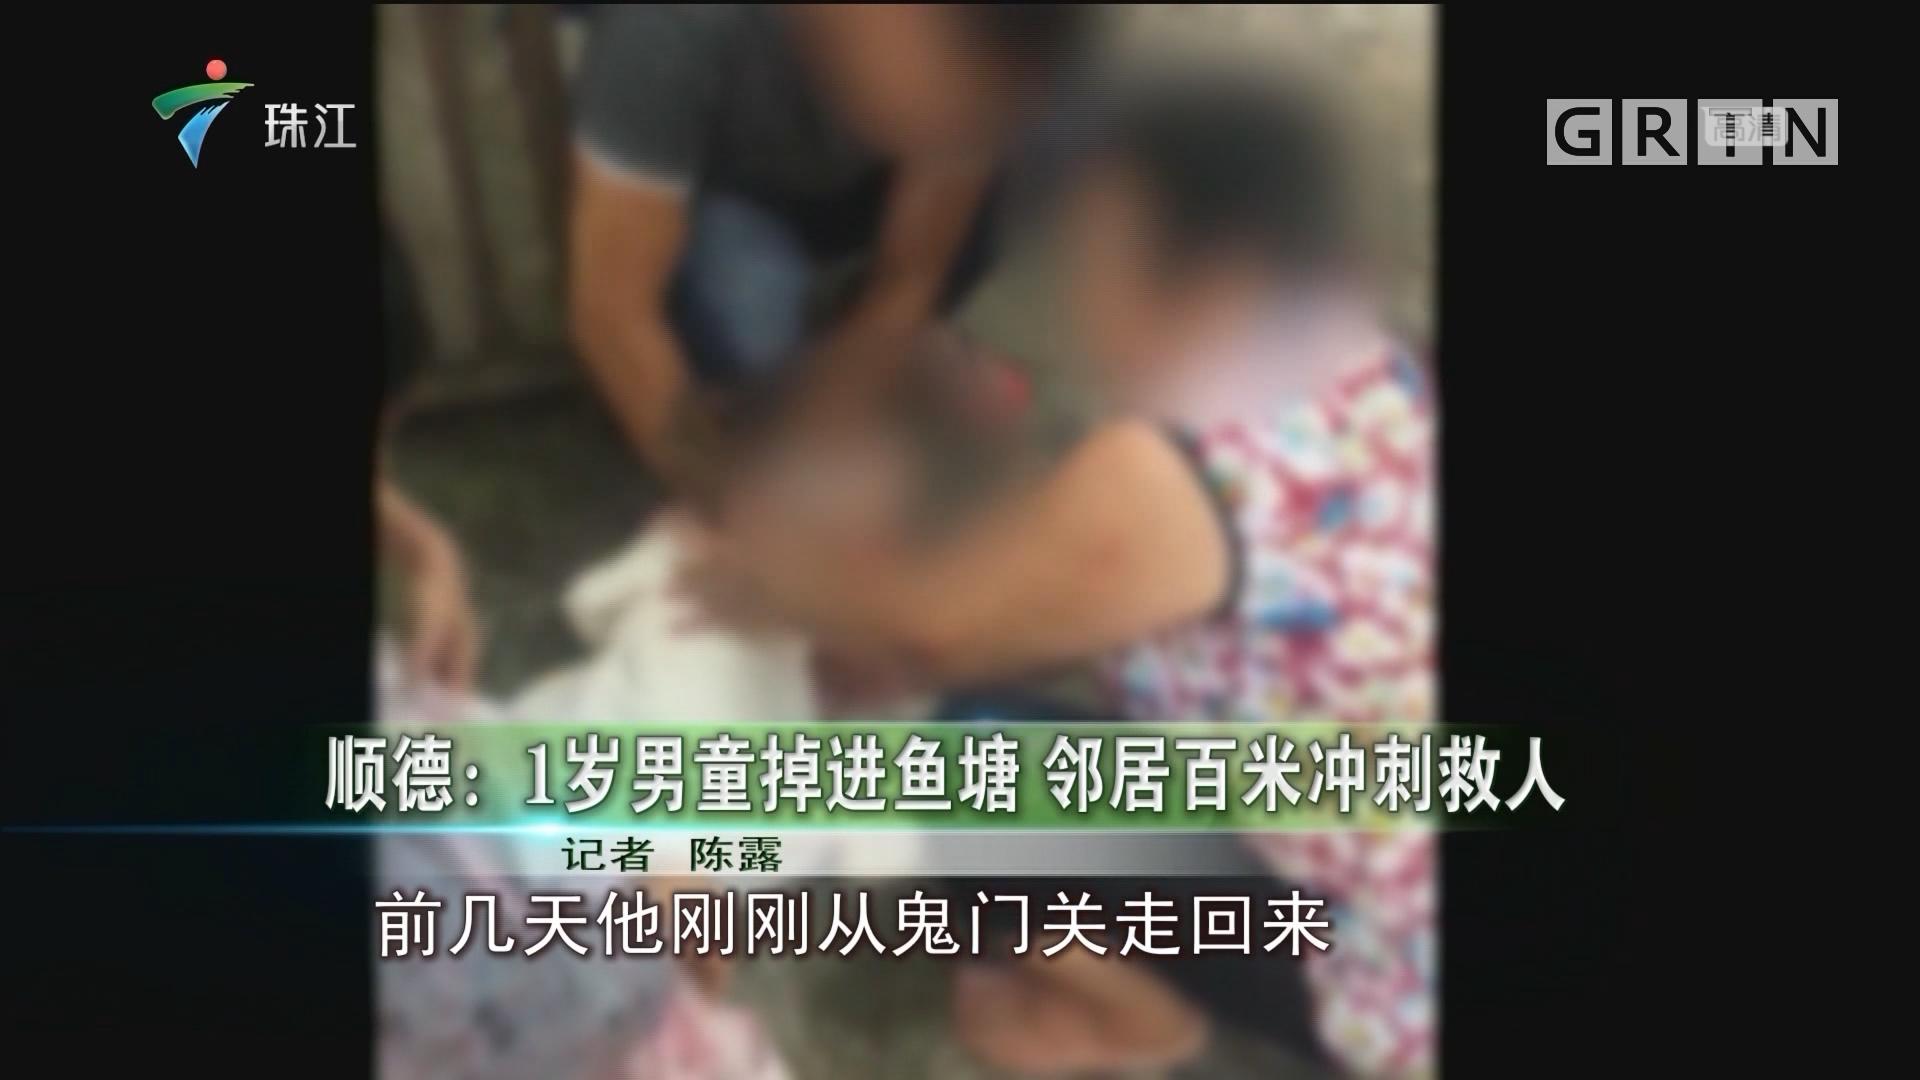 顺德:1岁男童掉进鱼塘 邻居百米冲刺救人